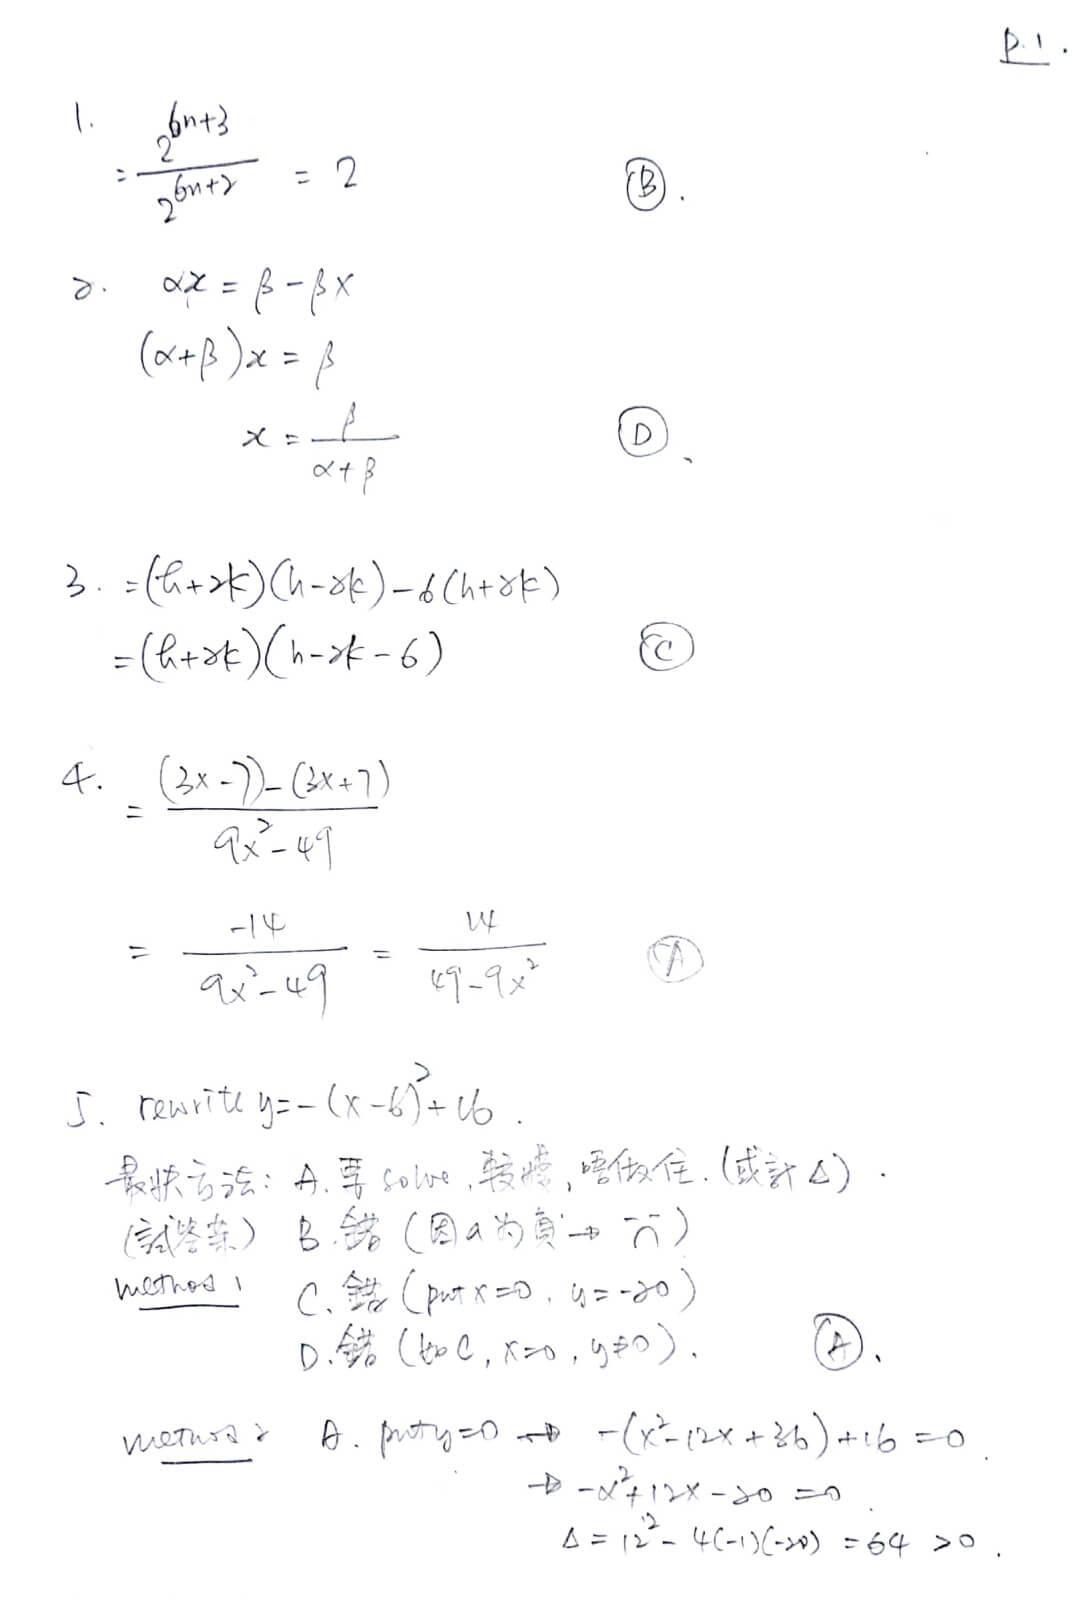 2018 DSE 數學卷二(MC) 詳細答案 Q1,2,3,4,5